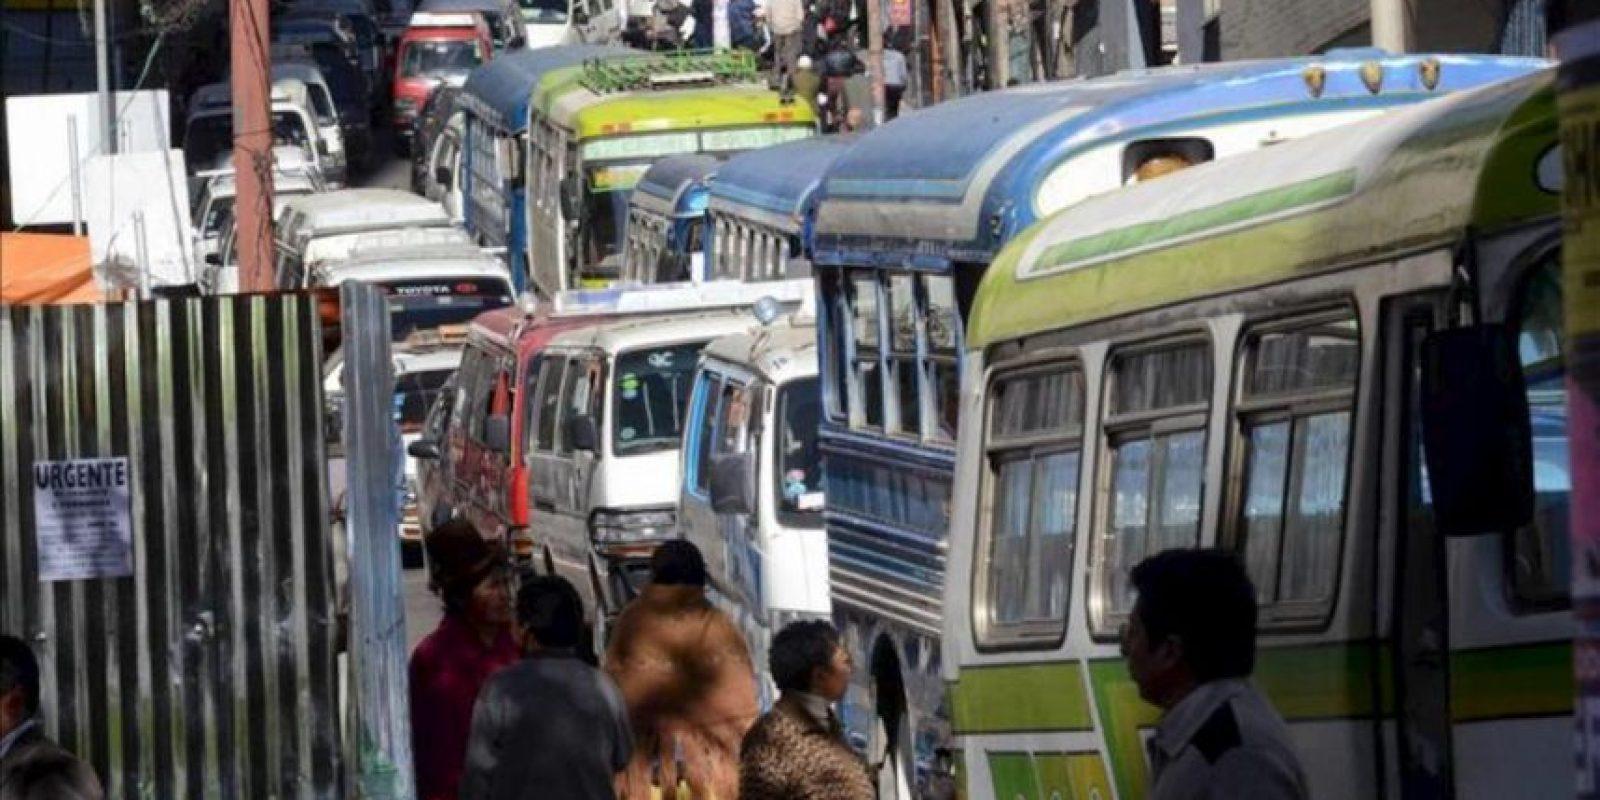 Decenas de conductores afiliados a la Central Única de Transporte Urbano de La Paz bloquean con sus vehículos los accesos al edificio de la alcaldía de esa ciudad de Bolivia, en rechazo a una ley aprobada por el alcalde, Luis Revilla, para reordenar el tráfico vehicular. EFE